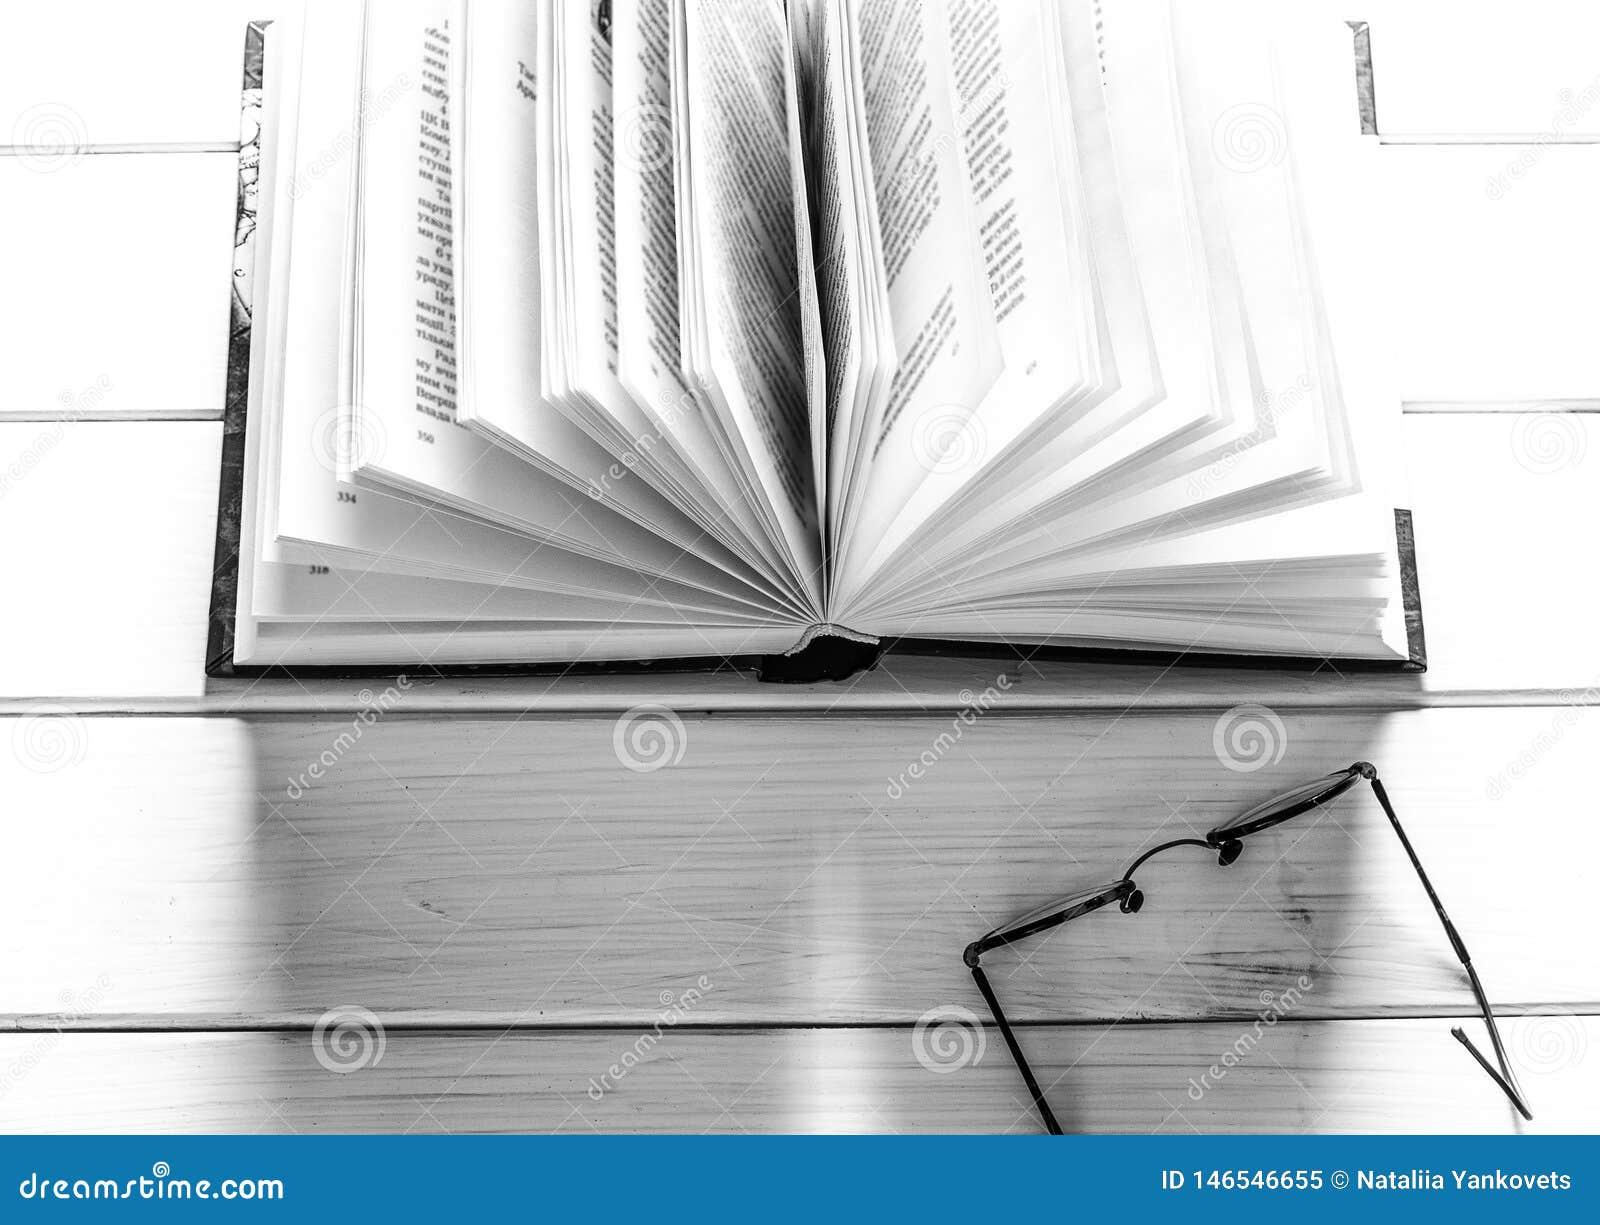 Libro aperto pronto a leggere le bugie su una tavola di legno bianca accanto ai vecchi vetri rotondi